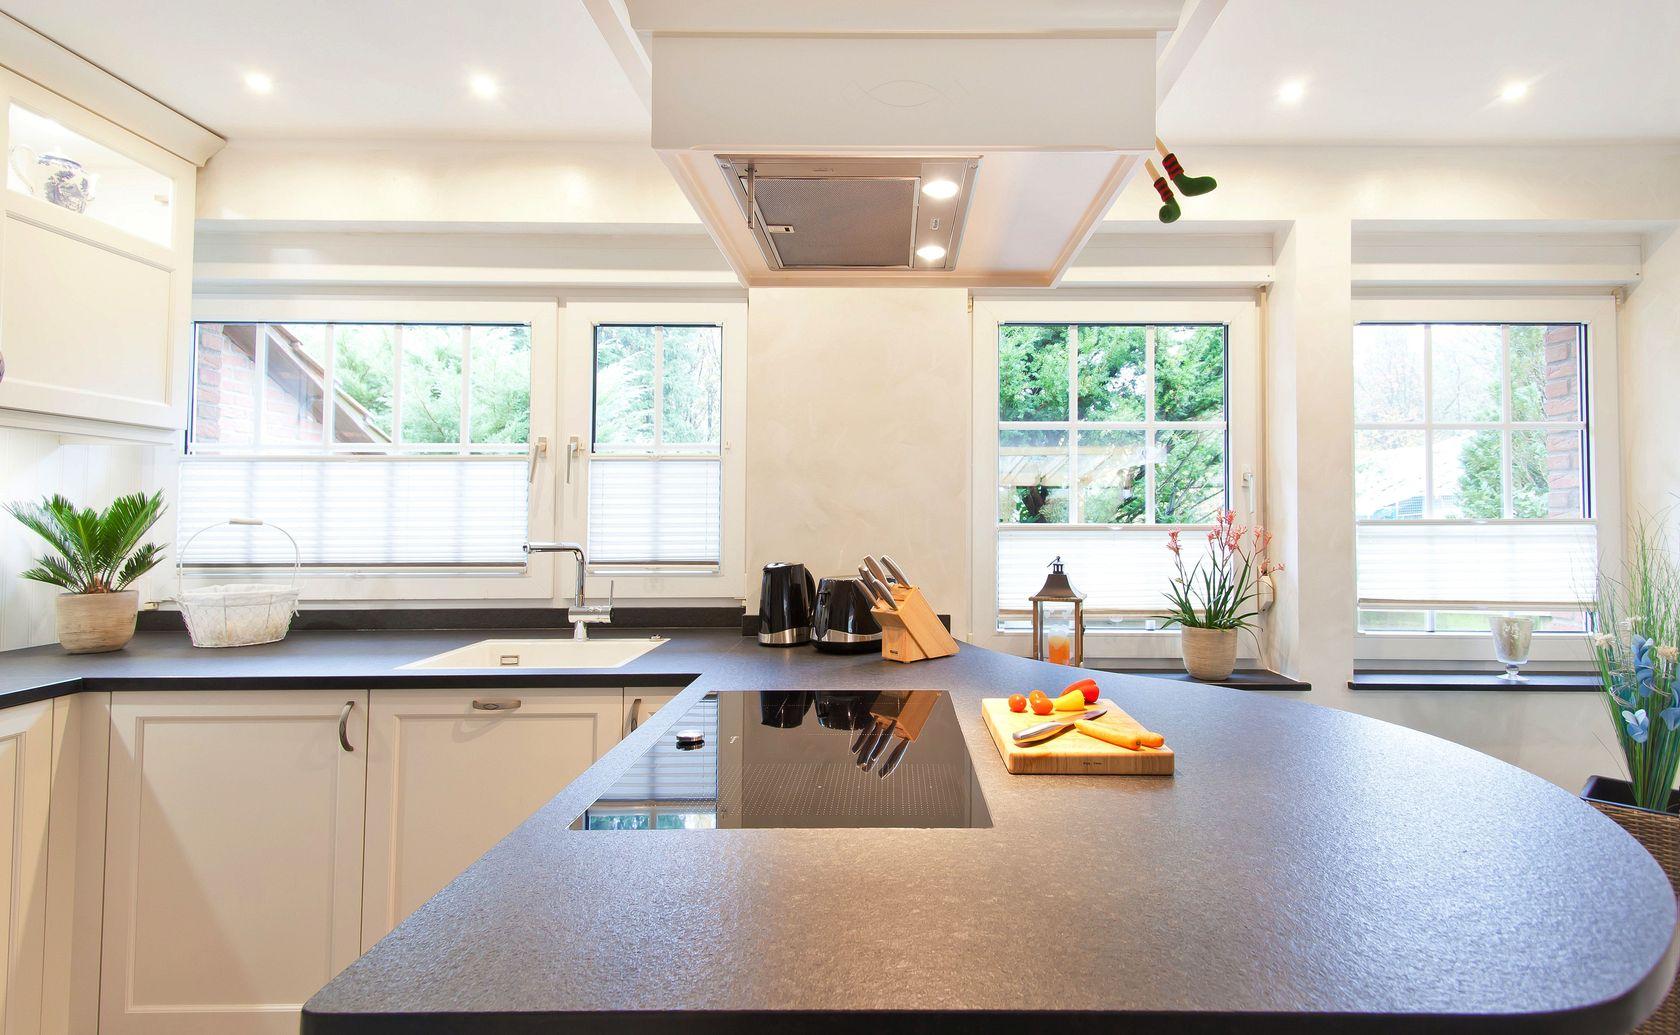 Landhausküchen mit kochinsel  Helle klassische Landhausküche mit Kochinsel und verkleideter ...